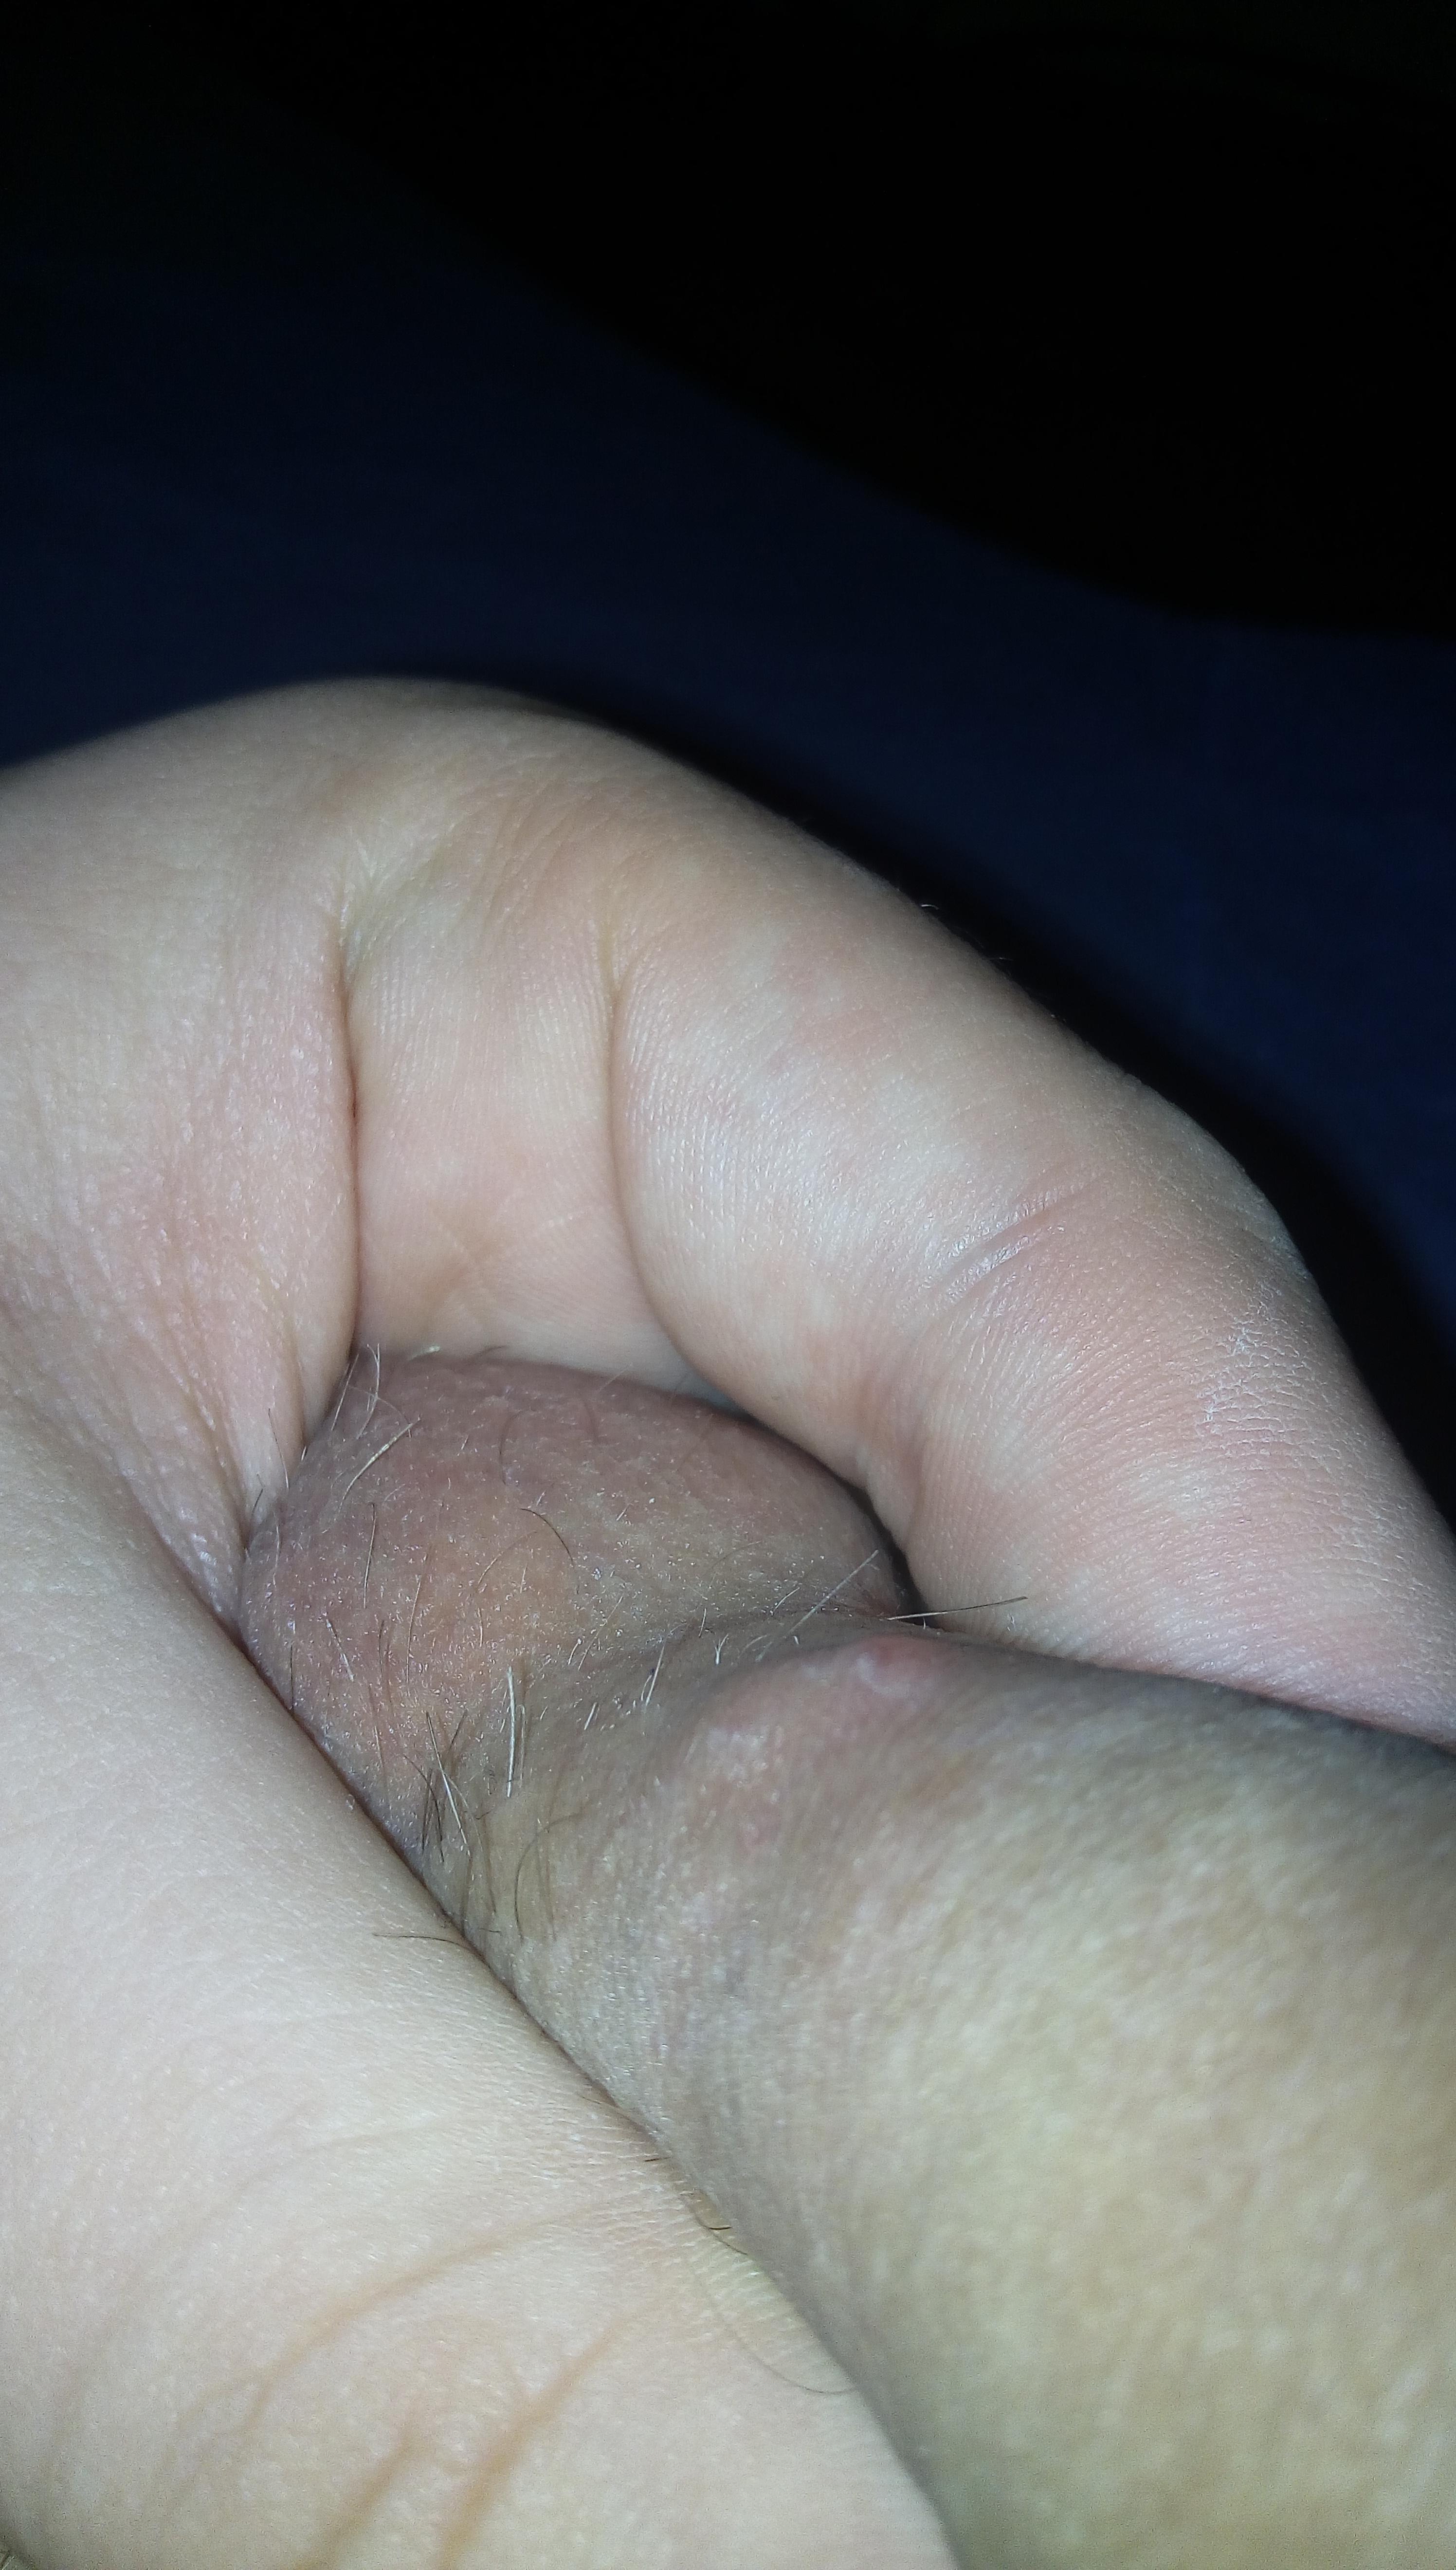 la baza penisului